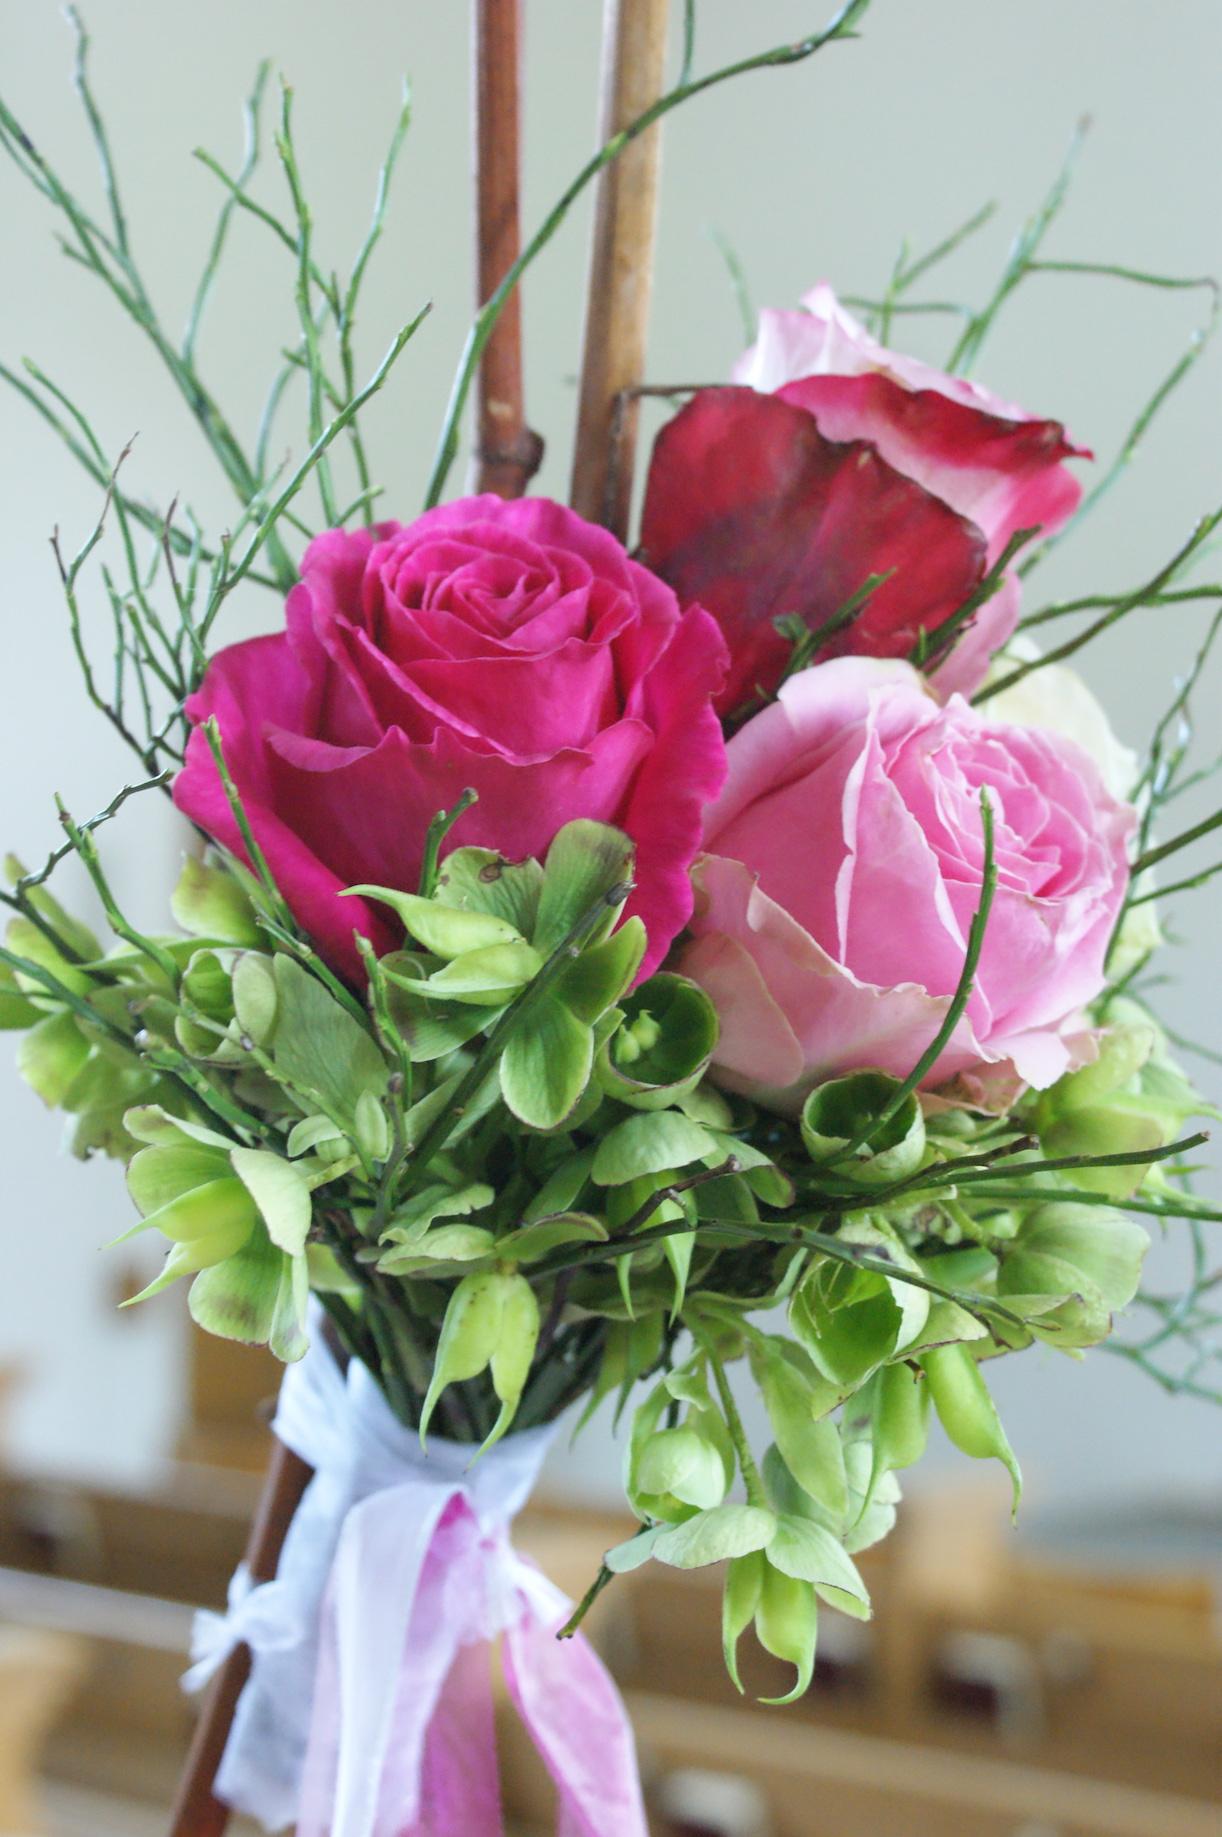 Hochzeit blumenstrauss rosa pink gruen baendel weiss for Raumgestaltung hochzeit